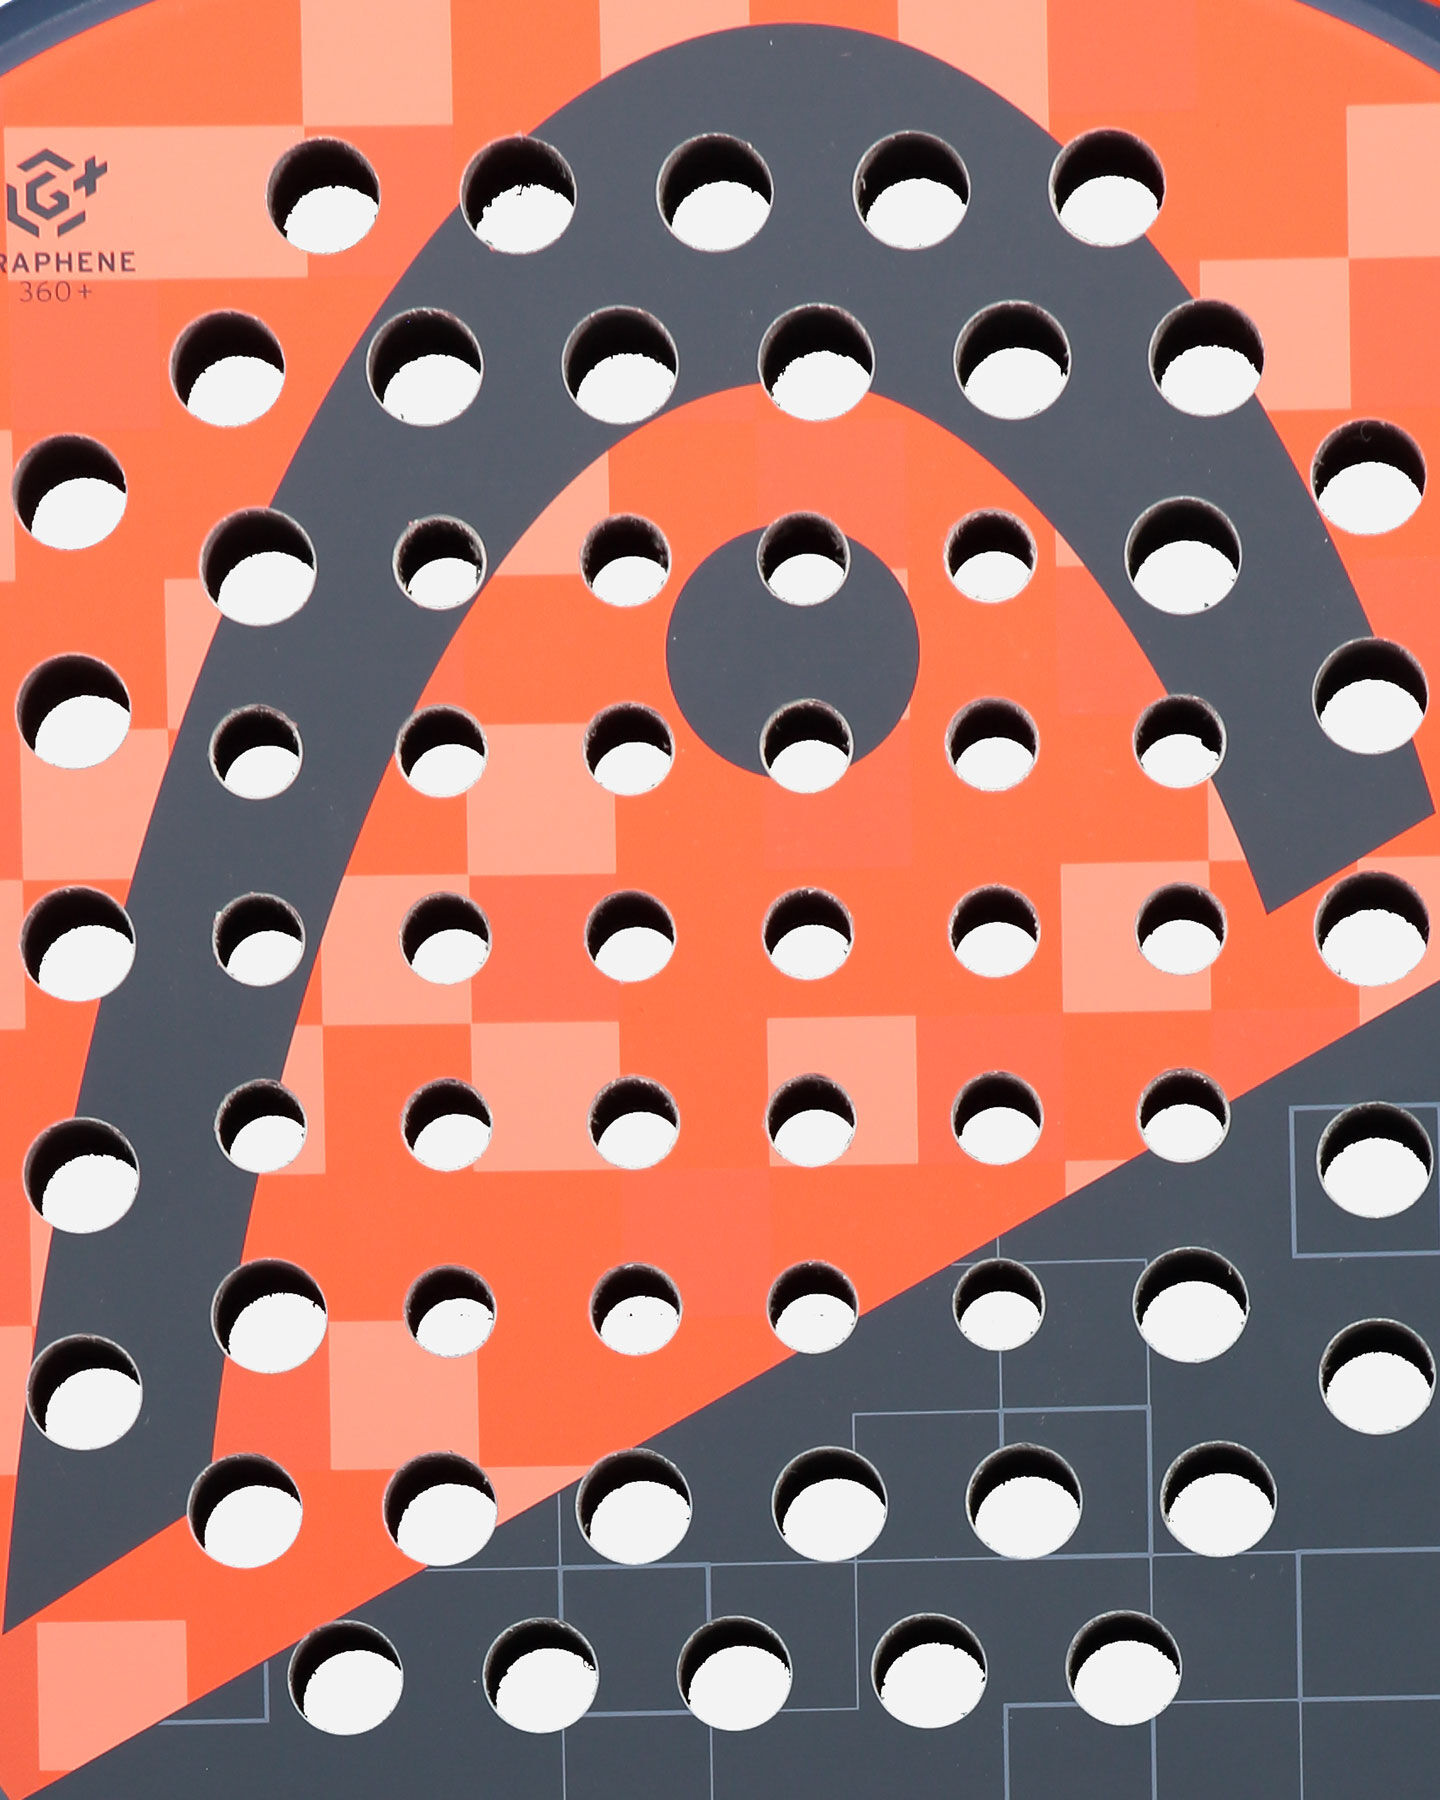 Racchetta padel HEAD GRAPHENE 360+ DELTA ELITE PADEL S5220852|UNI|UNI scatto 4